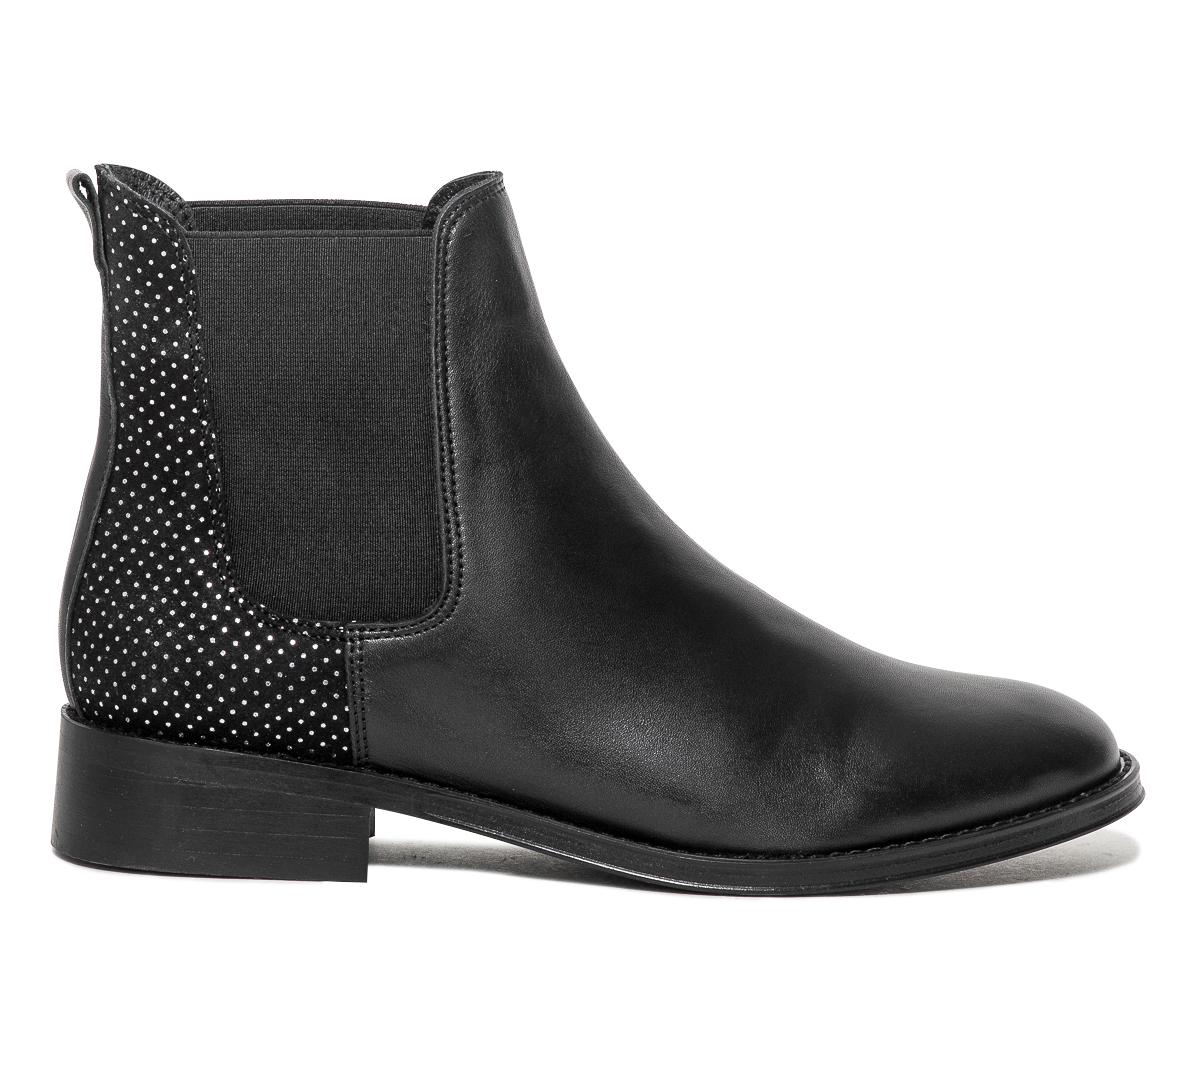 Argentés Noir Boots Chelsea Eram pois Cuir Micro À ZuOXiwPlkT